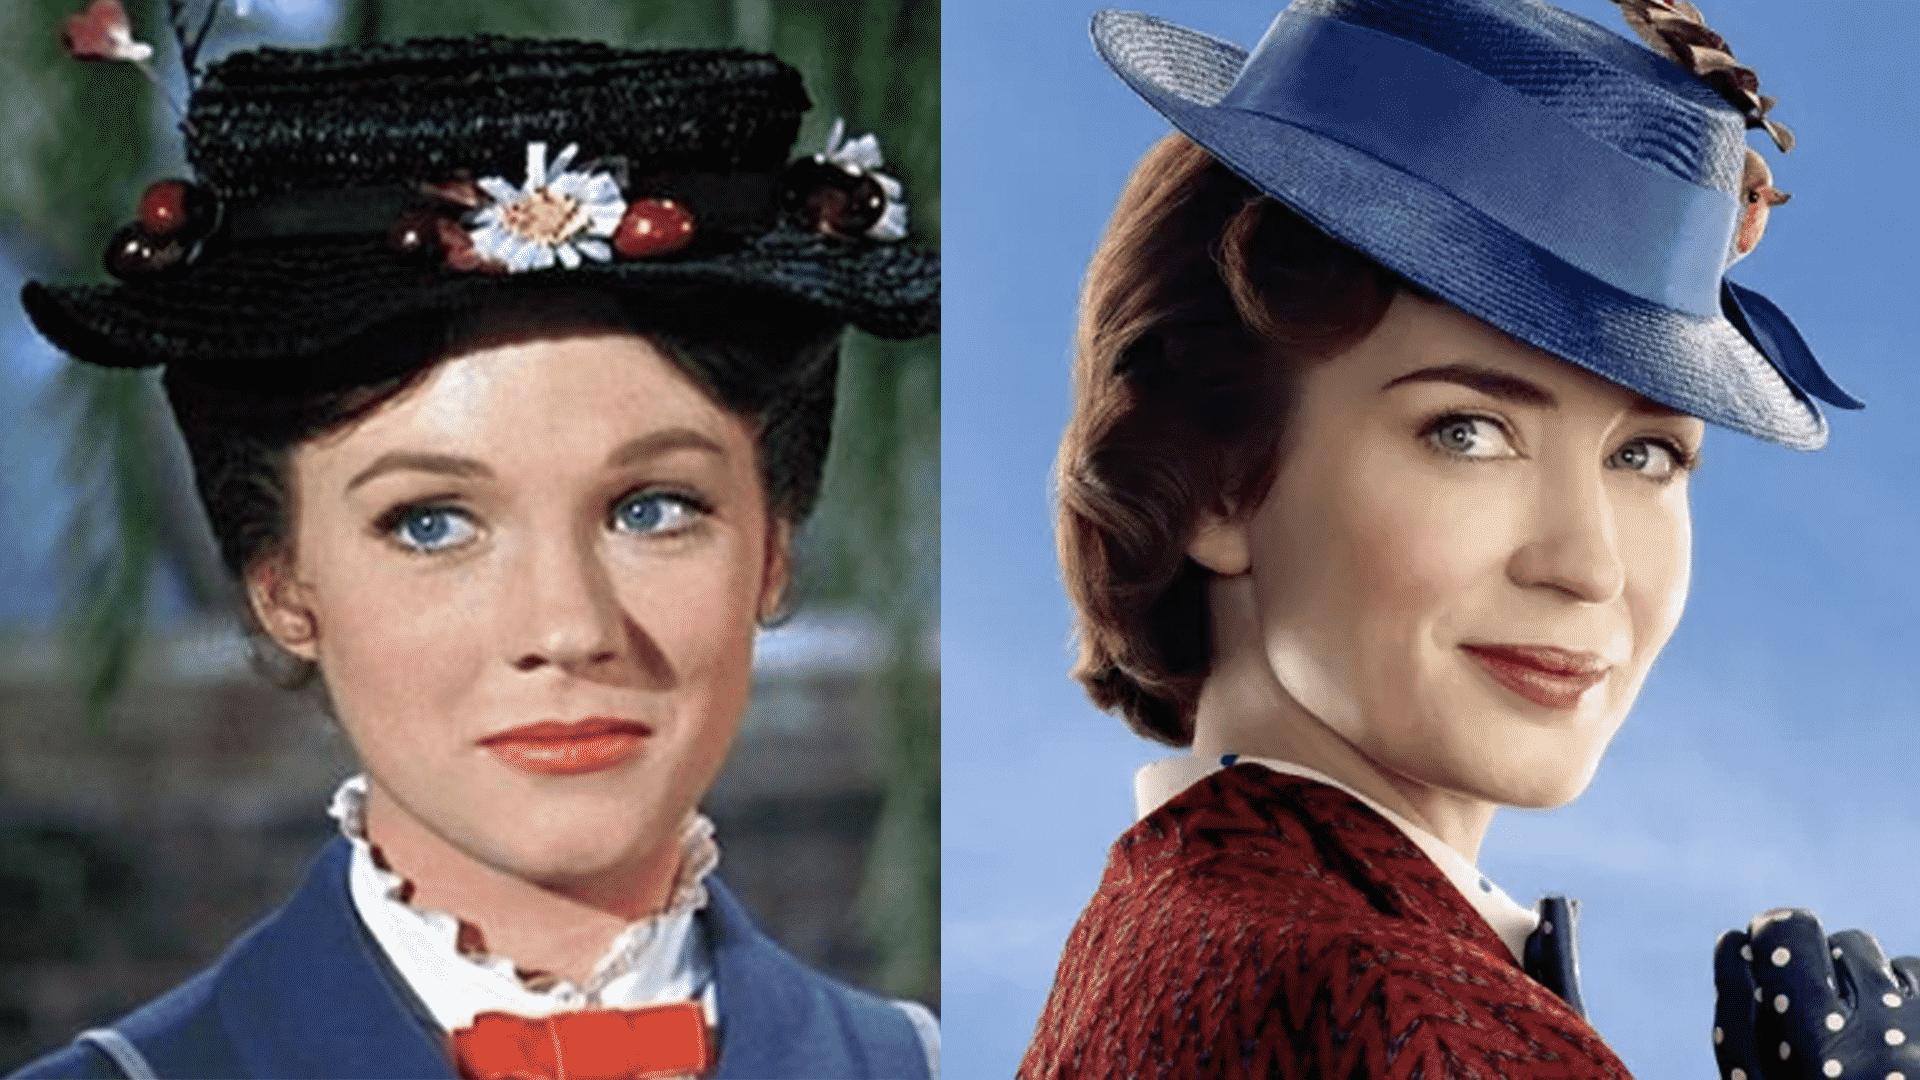 Conoscevate la vera storia di Mary Poppins? Eccola qui